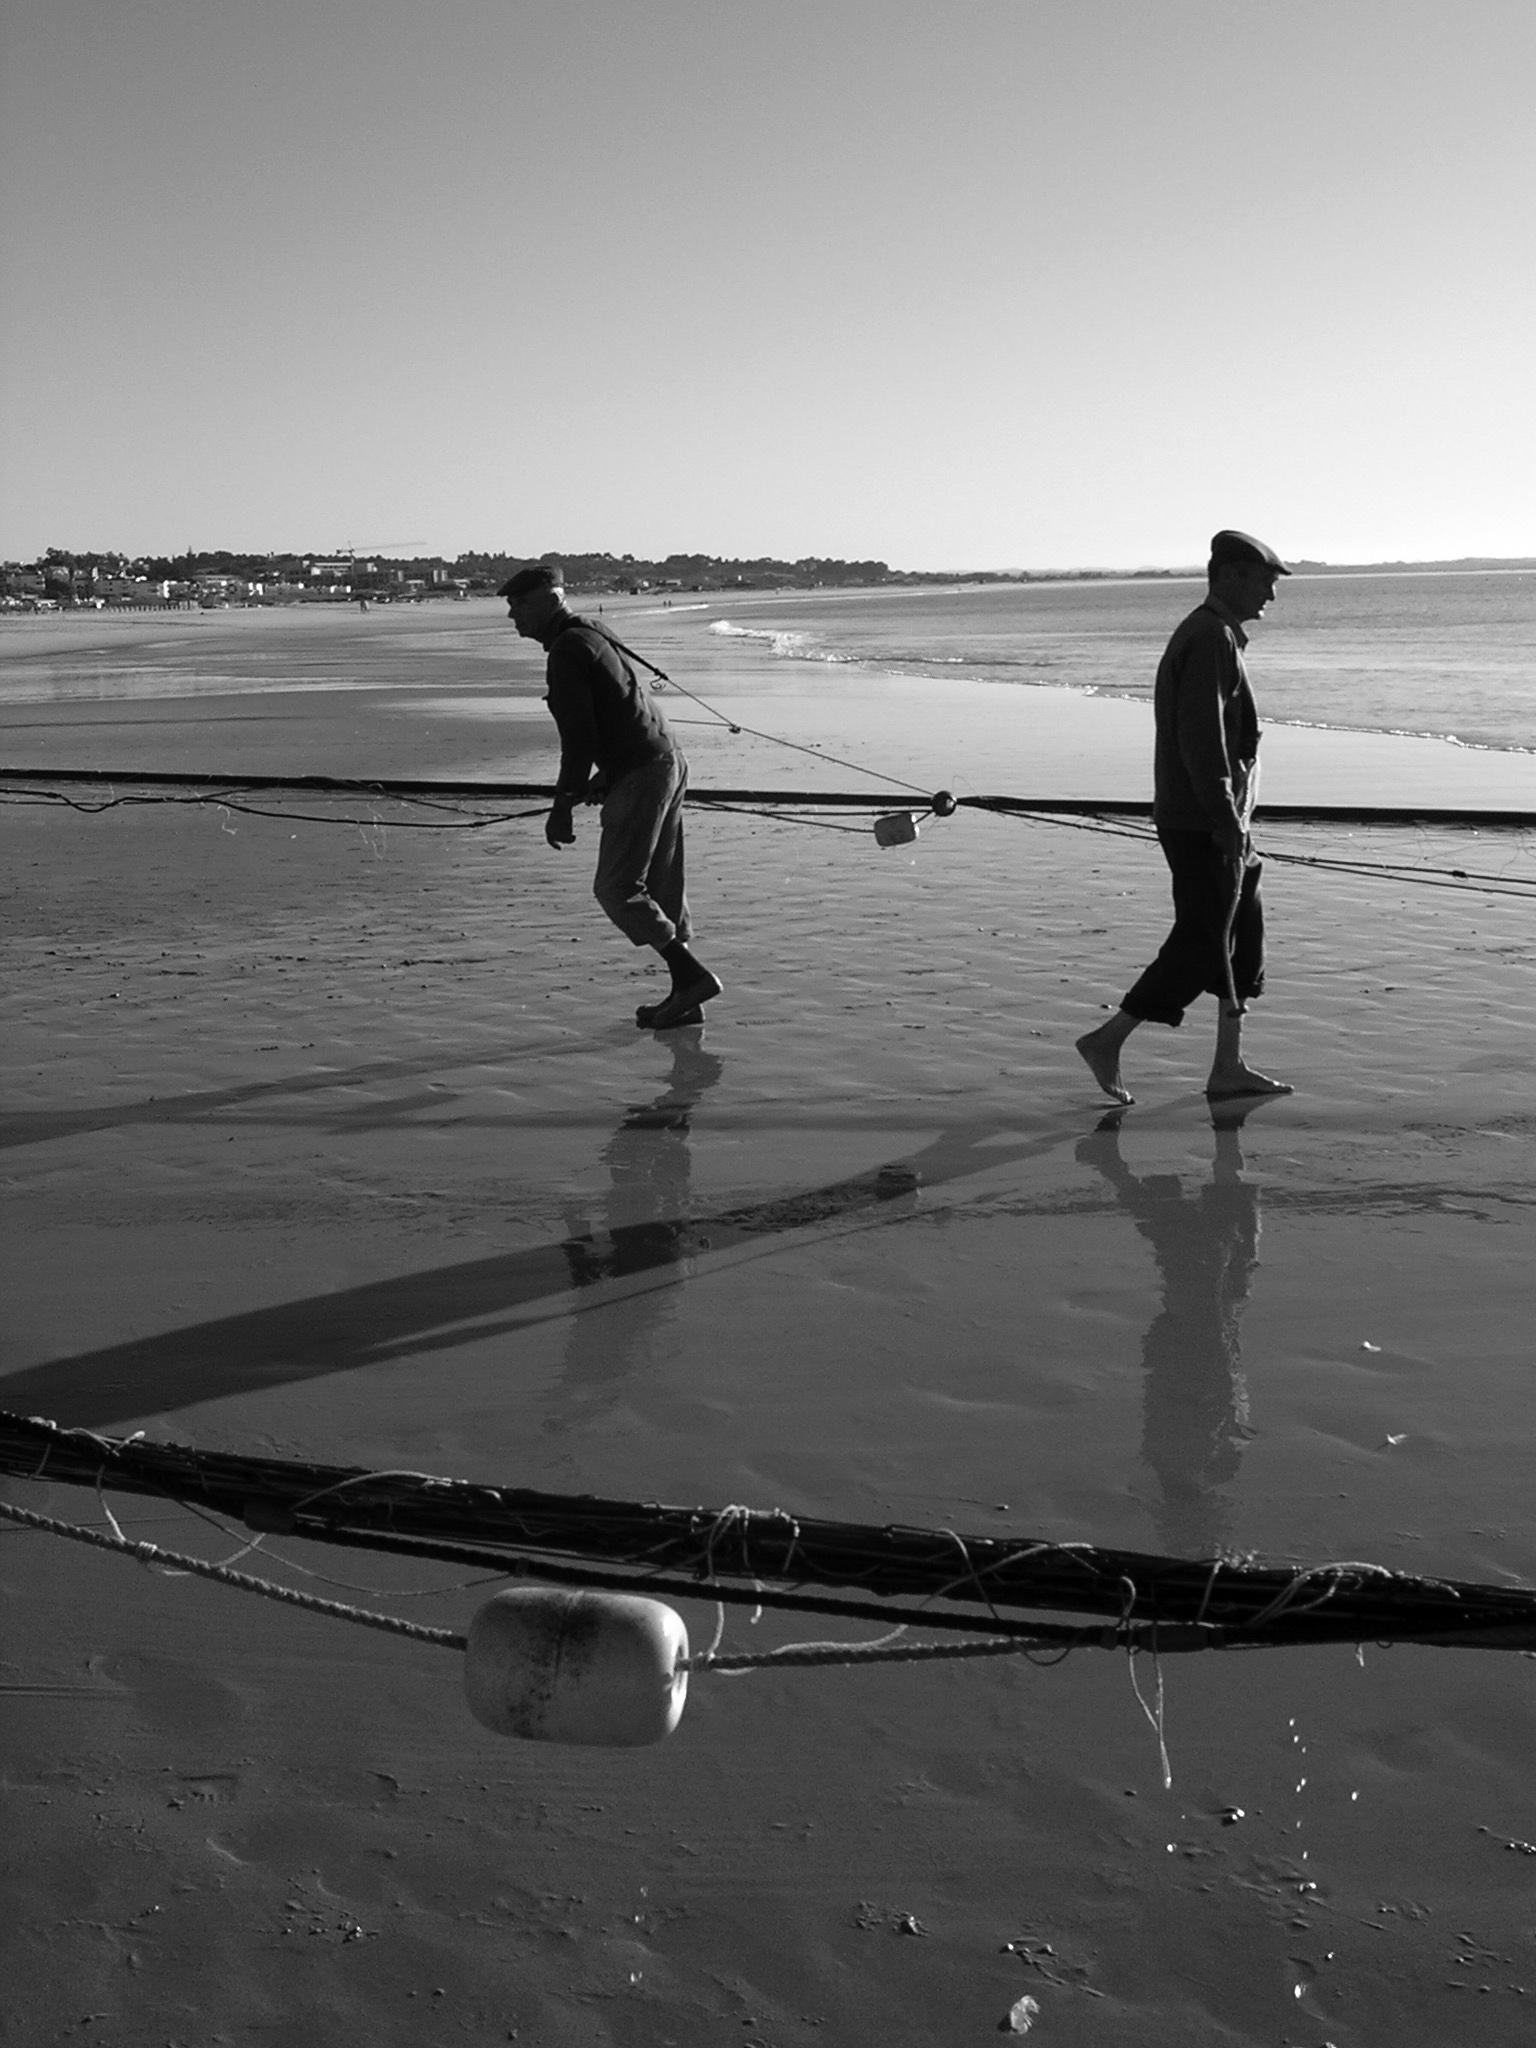 Foto de Pedro Barros: Meia-praia, Lagos, 2008.